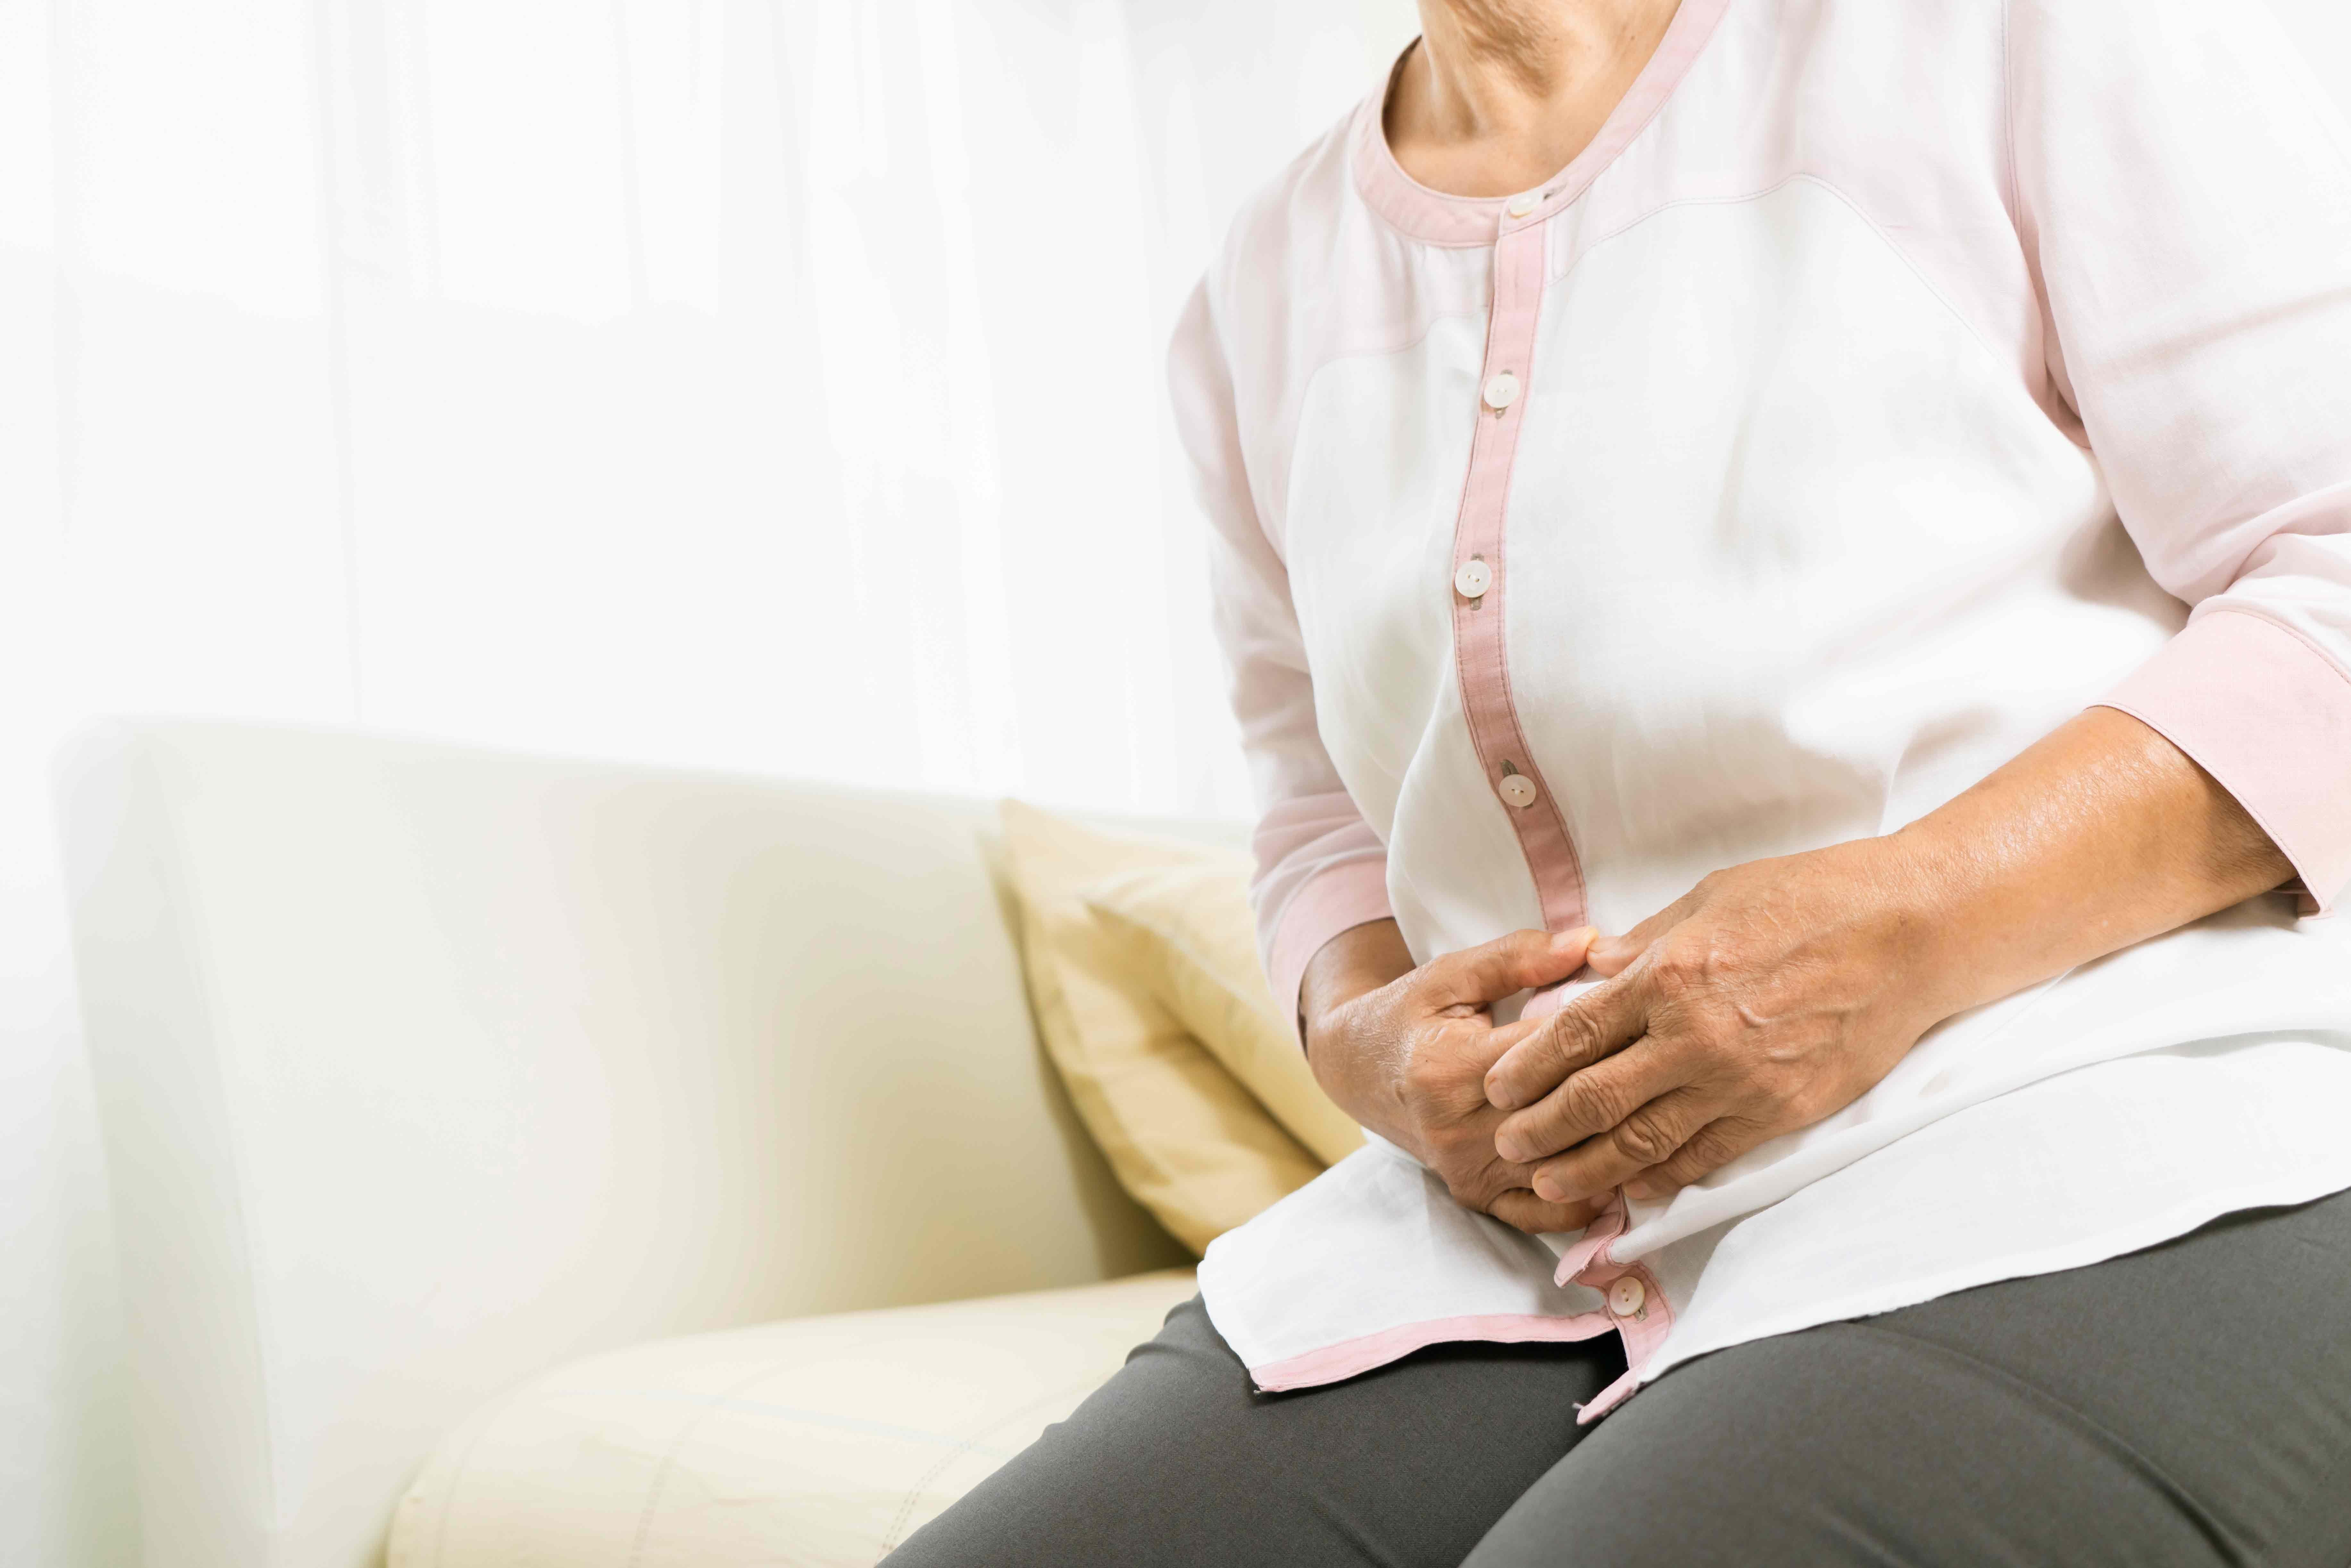 La gastro-entérite peut provoquer des crampes abdominales